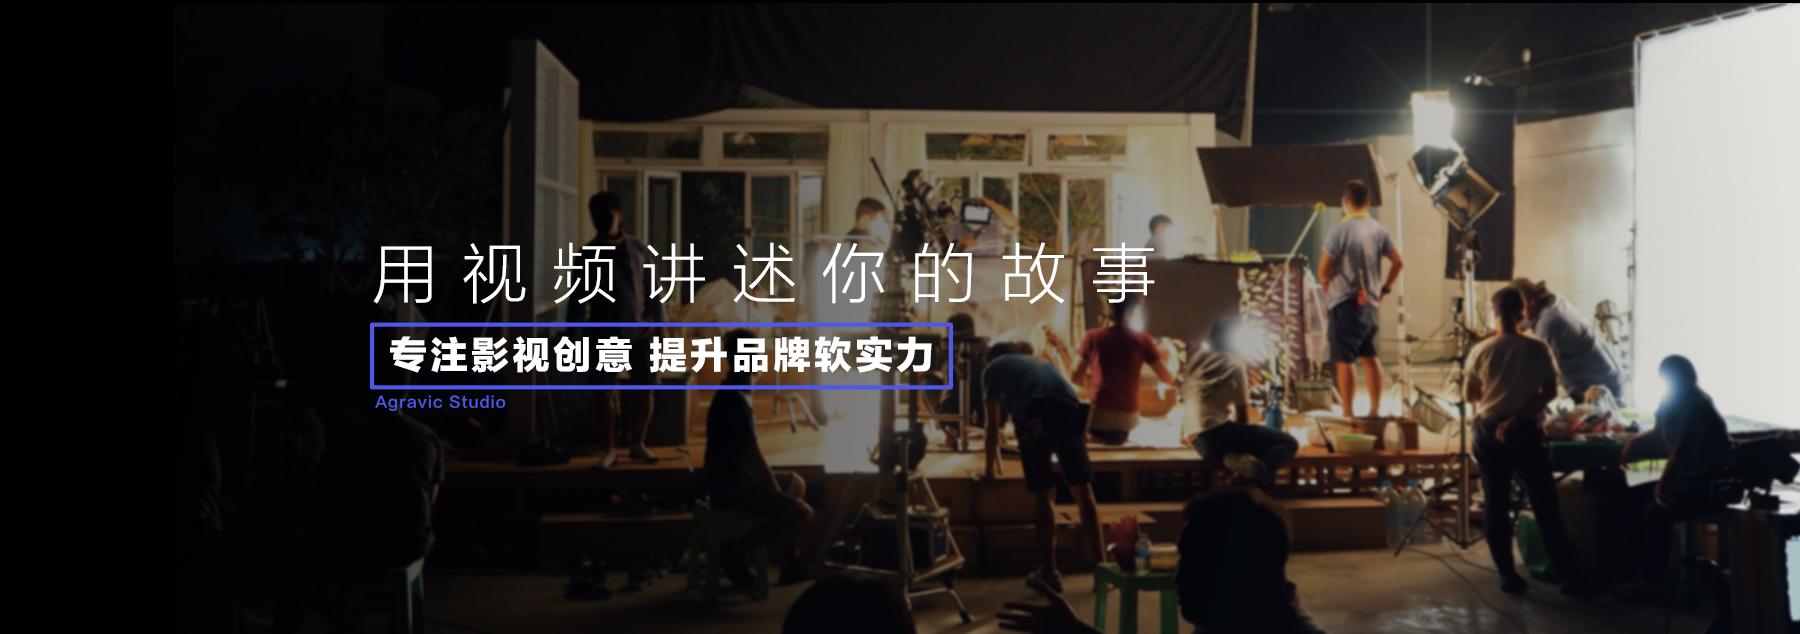 济南企业宣传片拍摄